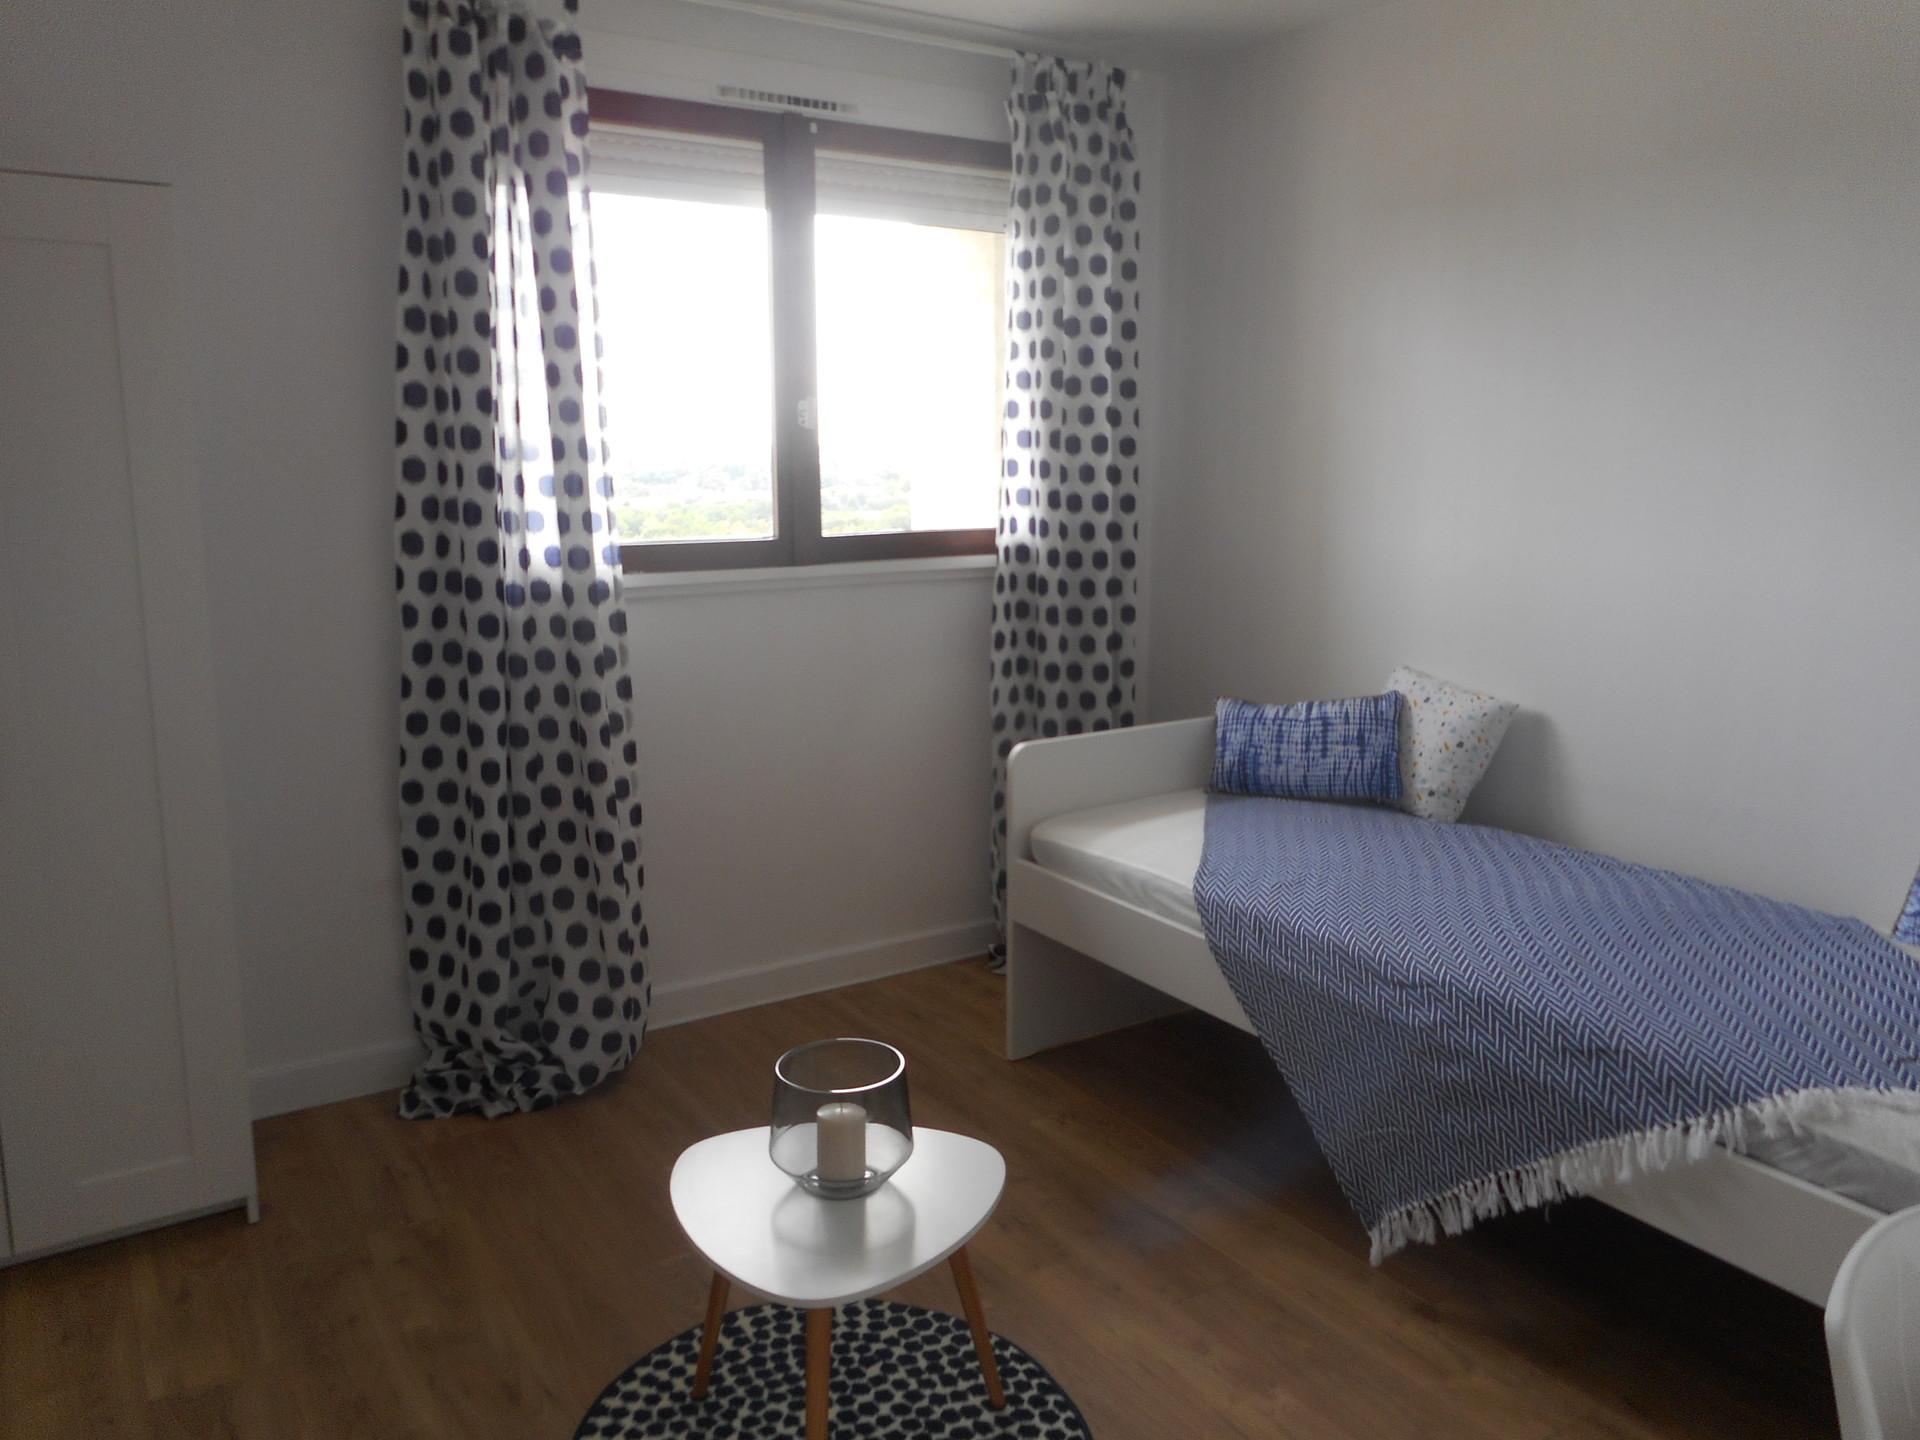 Chambre spacieuse, ensoleillé avec vu sur Paris et la tour Eiffe